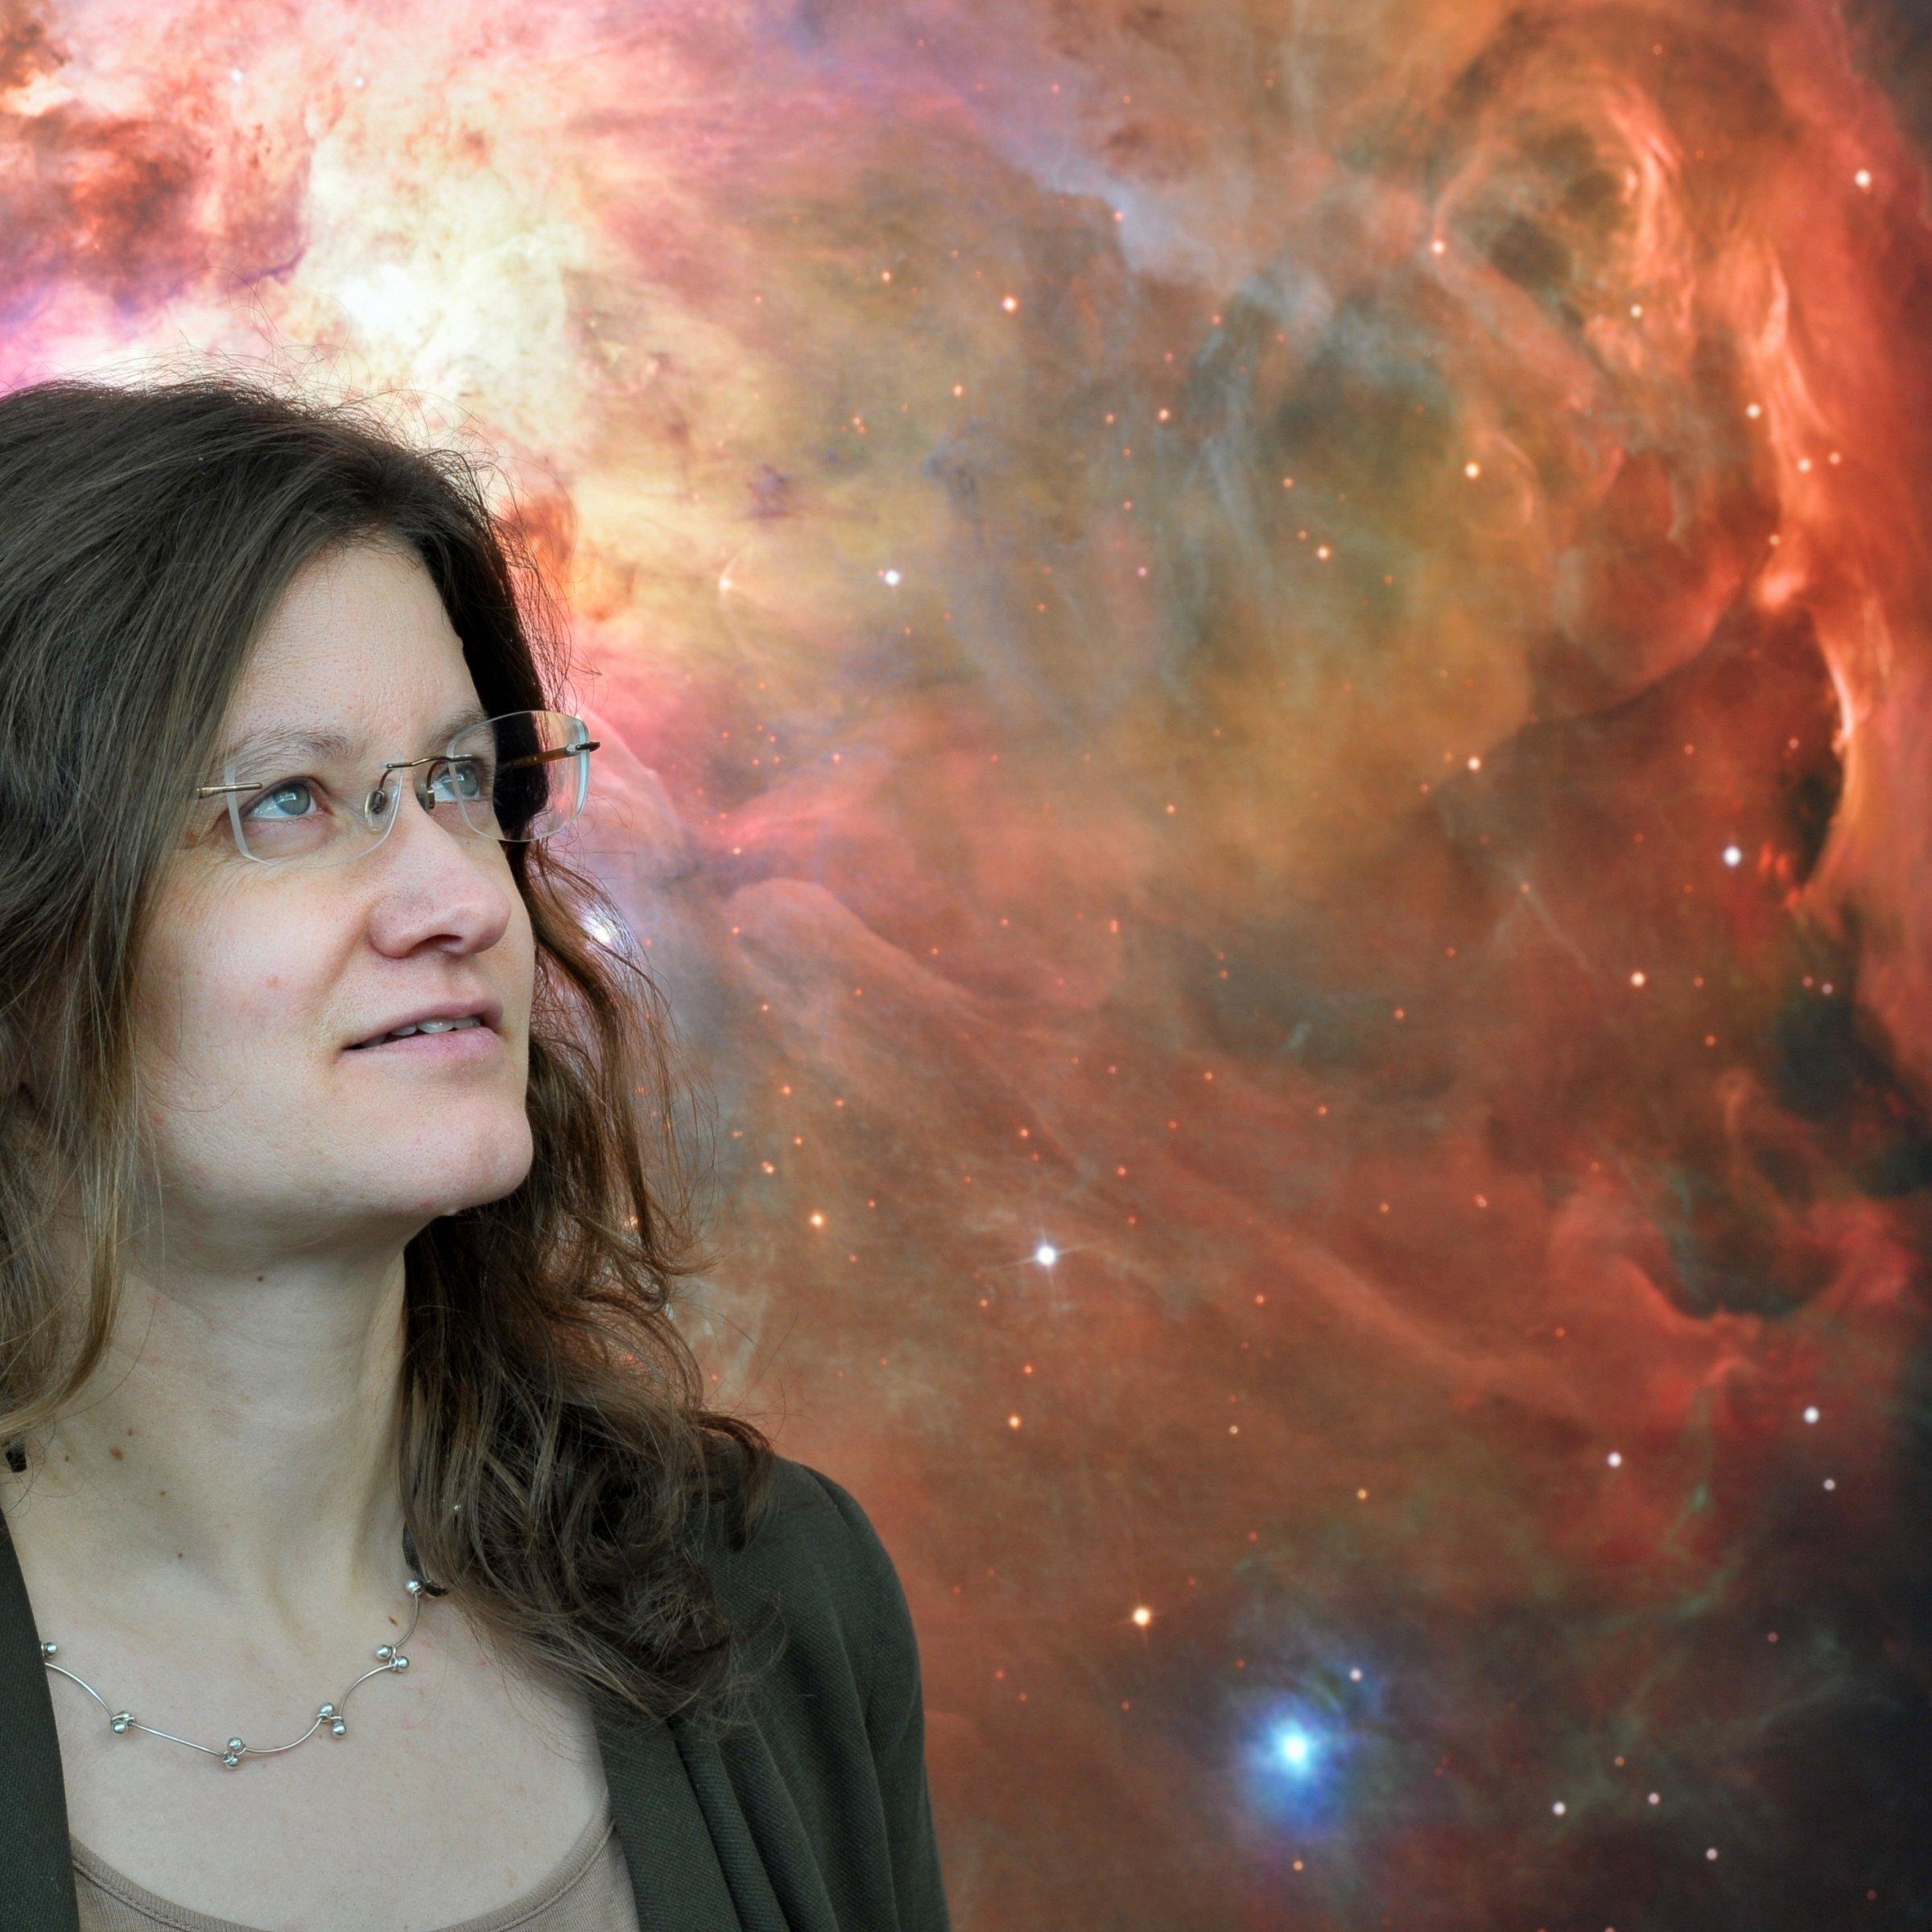 Eine Aufnahme von Felicitas Mokler. Der Hintergrund ist ein Bild aus dem Weltraum